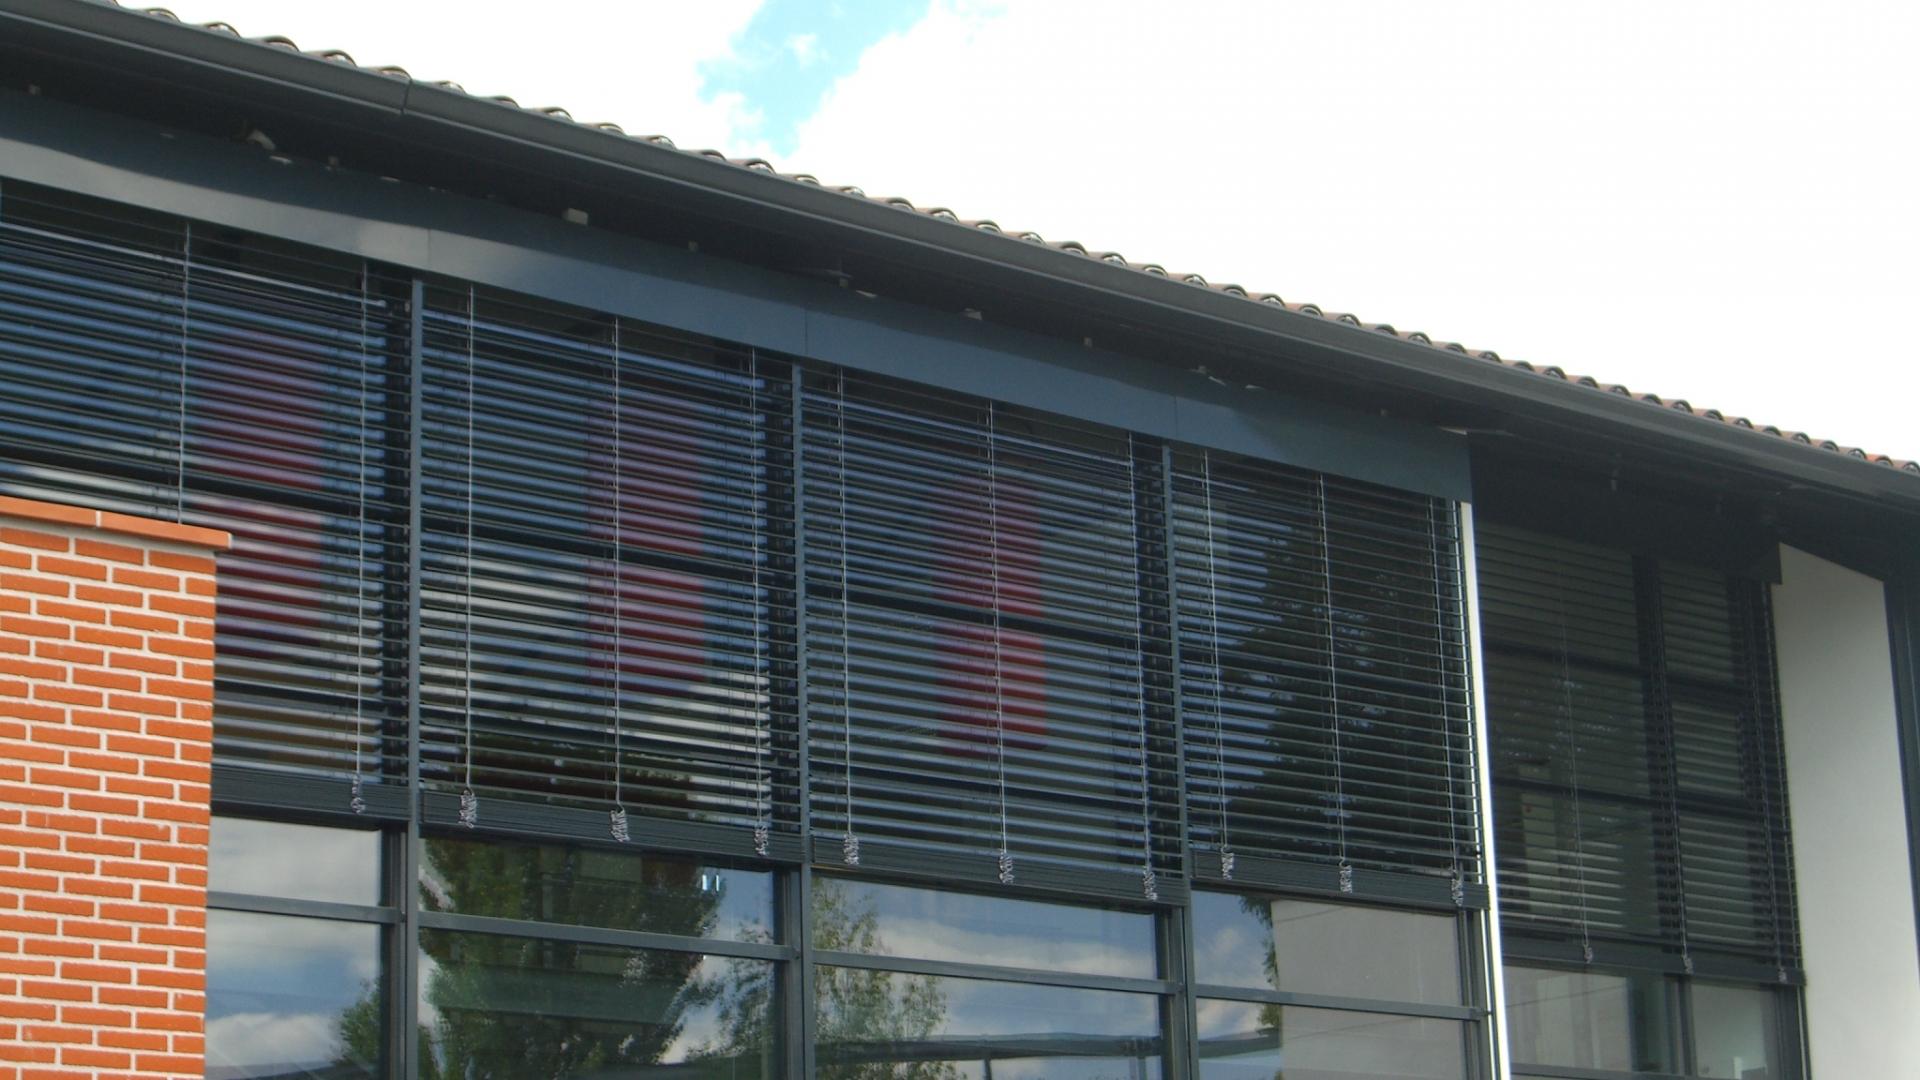 Brise soleil orientable exterieur 28 images brise - Prix brise soleil orientable ...